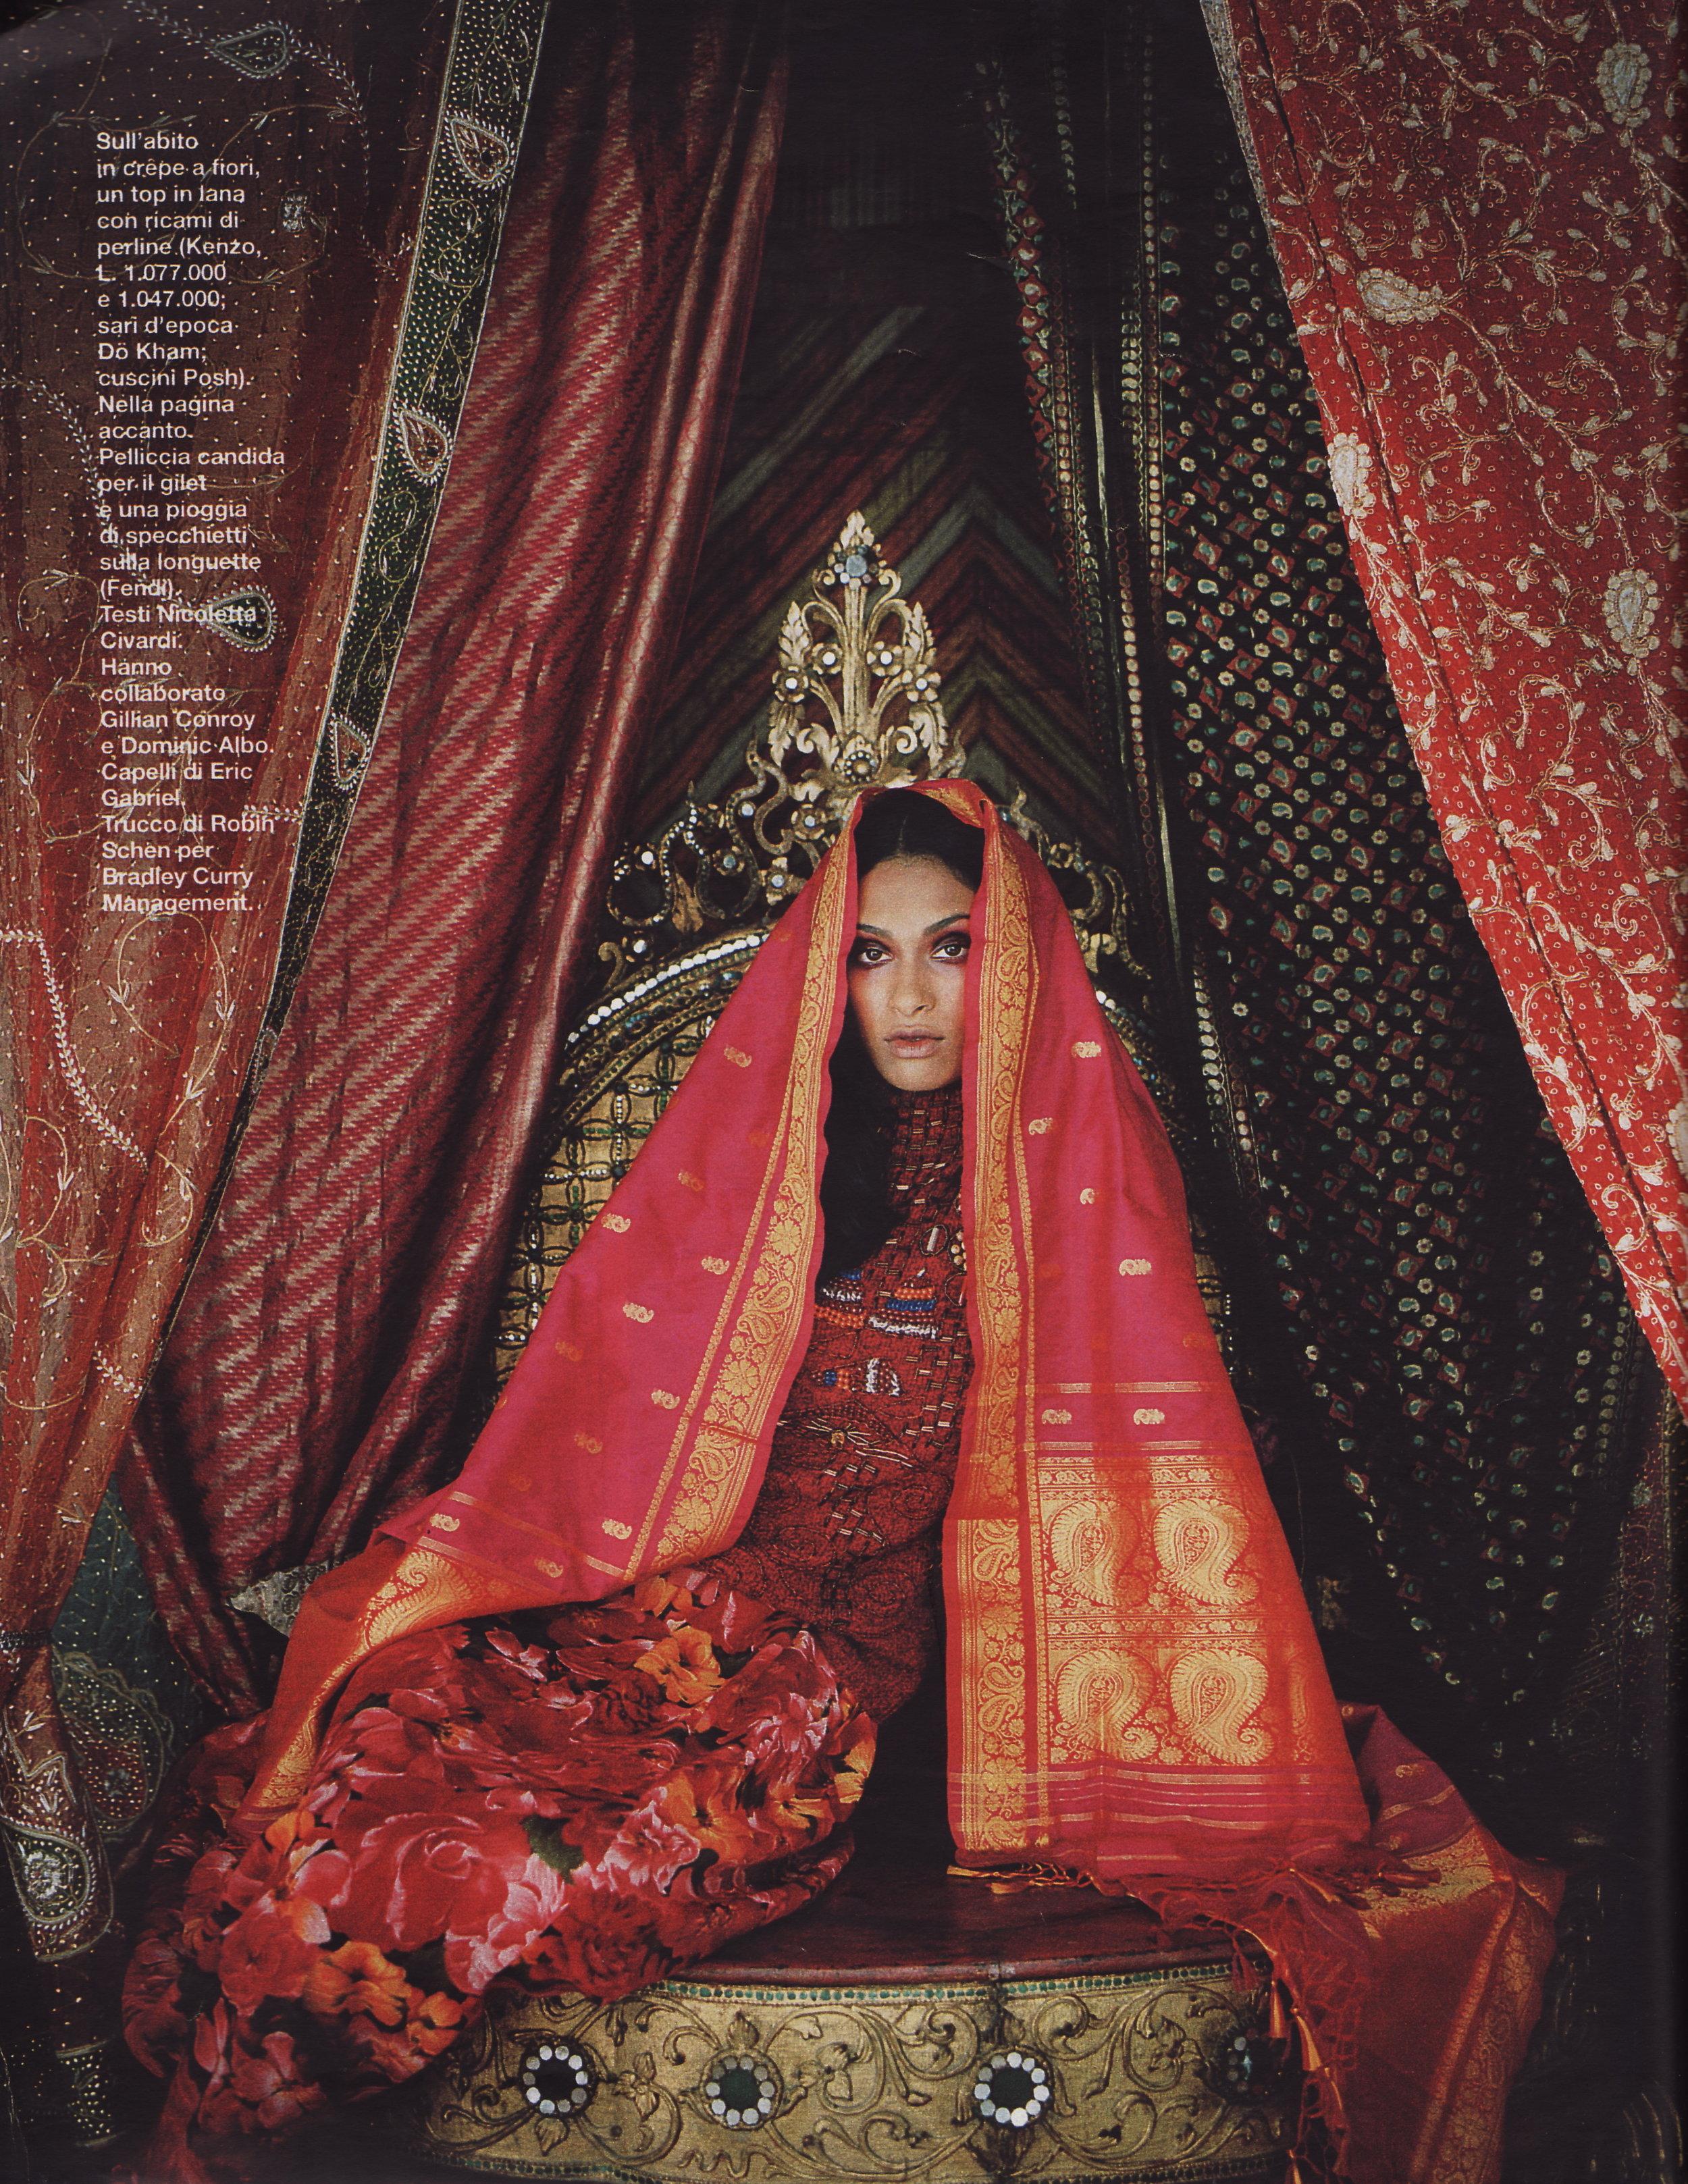 iO Donna Magazine - Dö Kham silk shawl featured in iO Donna Magazine